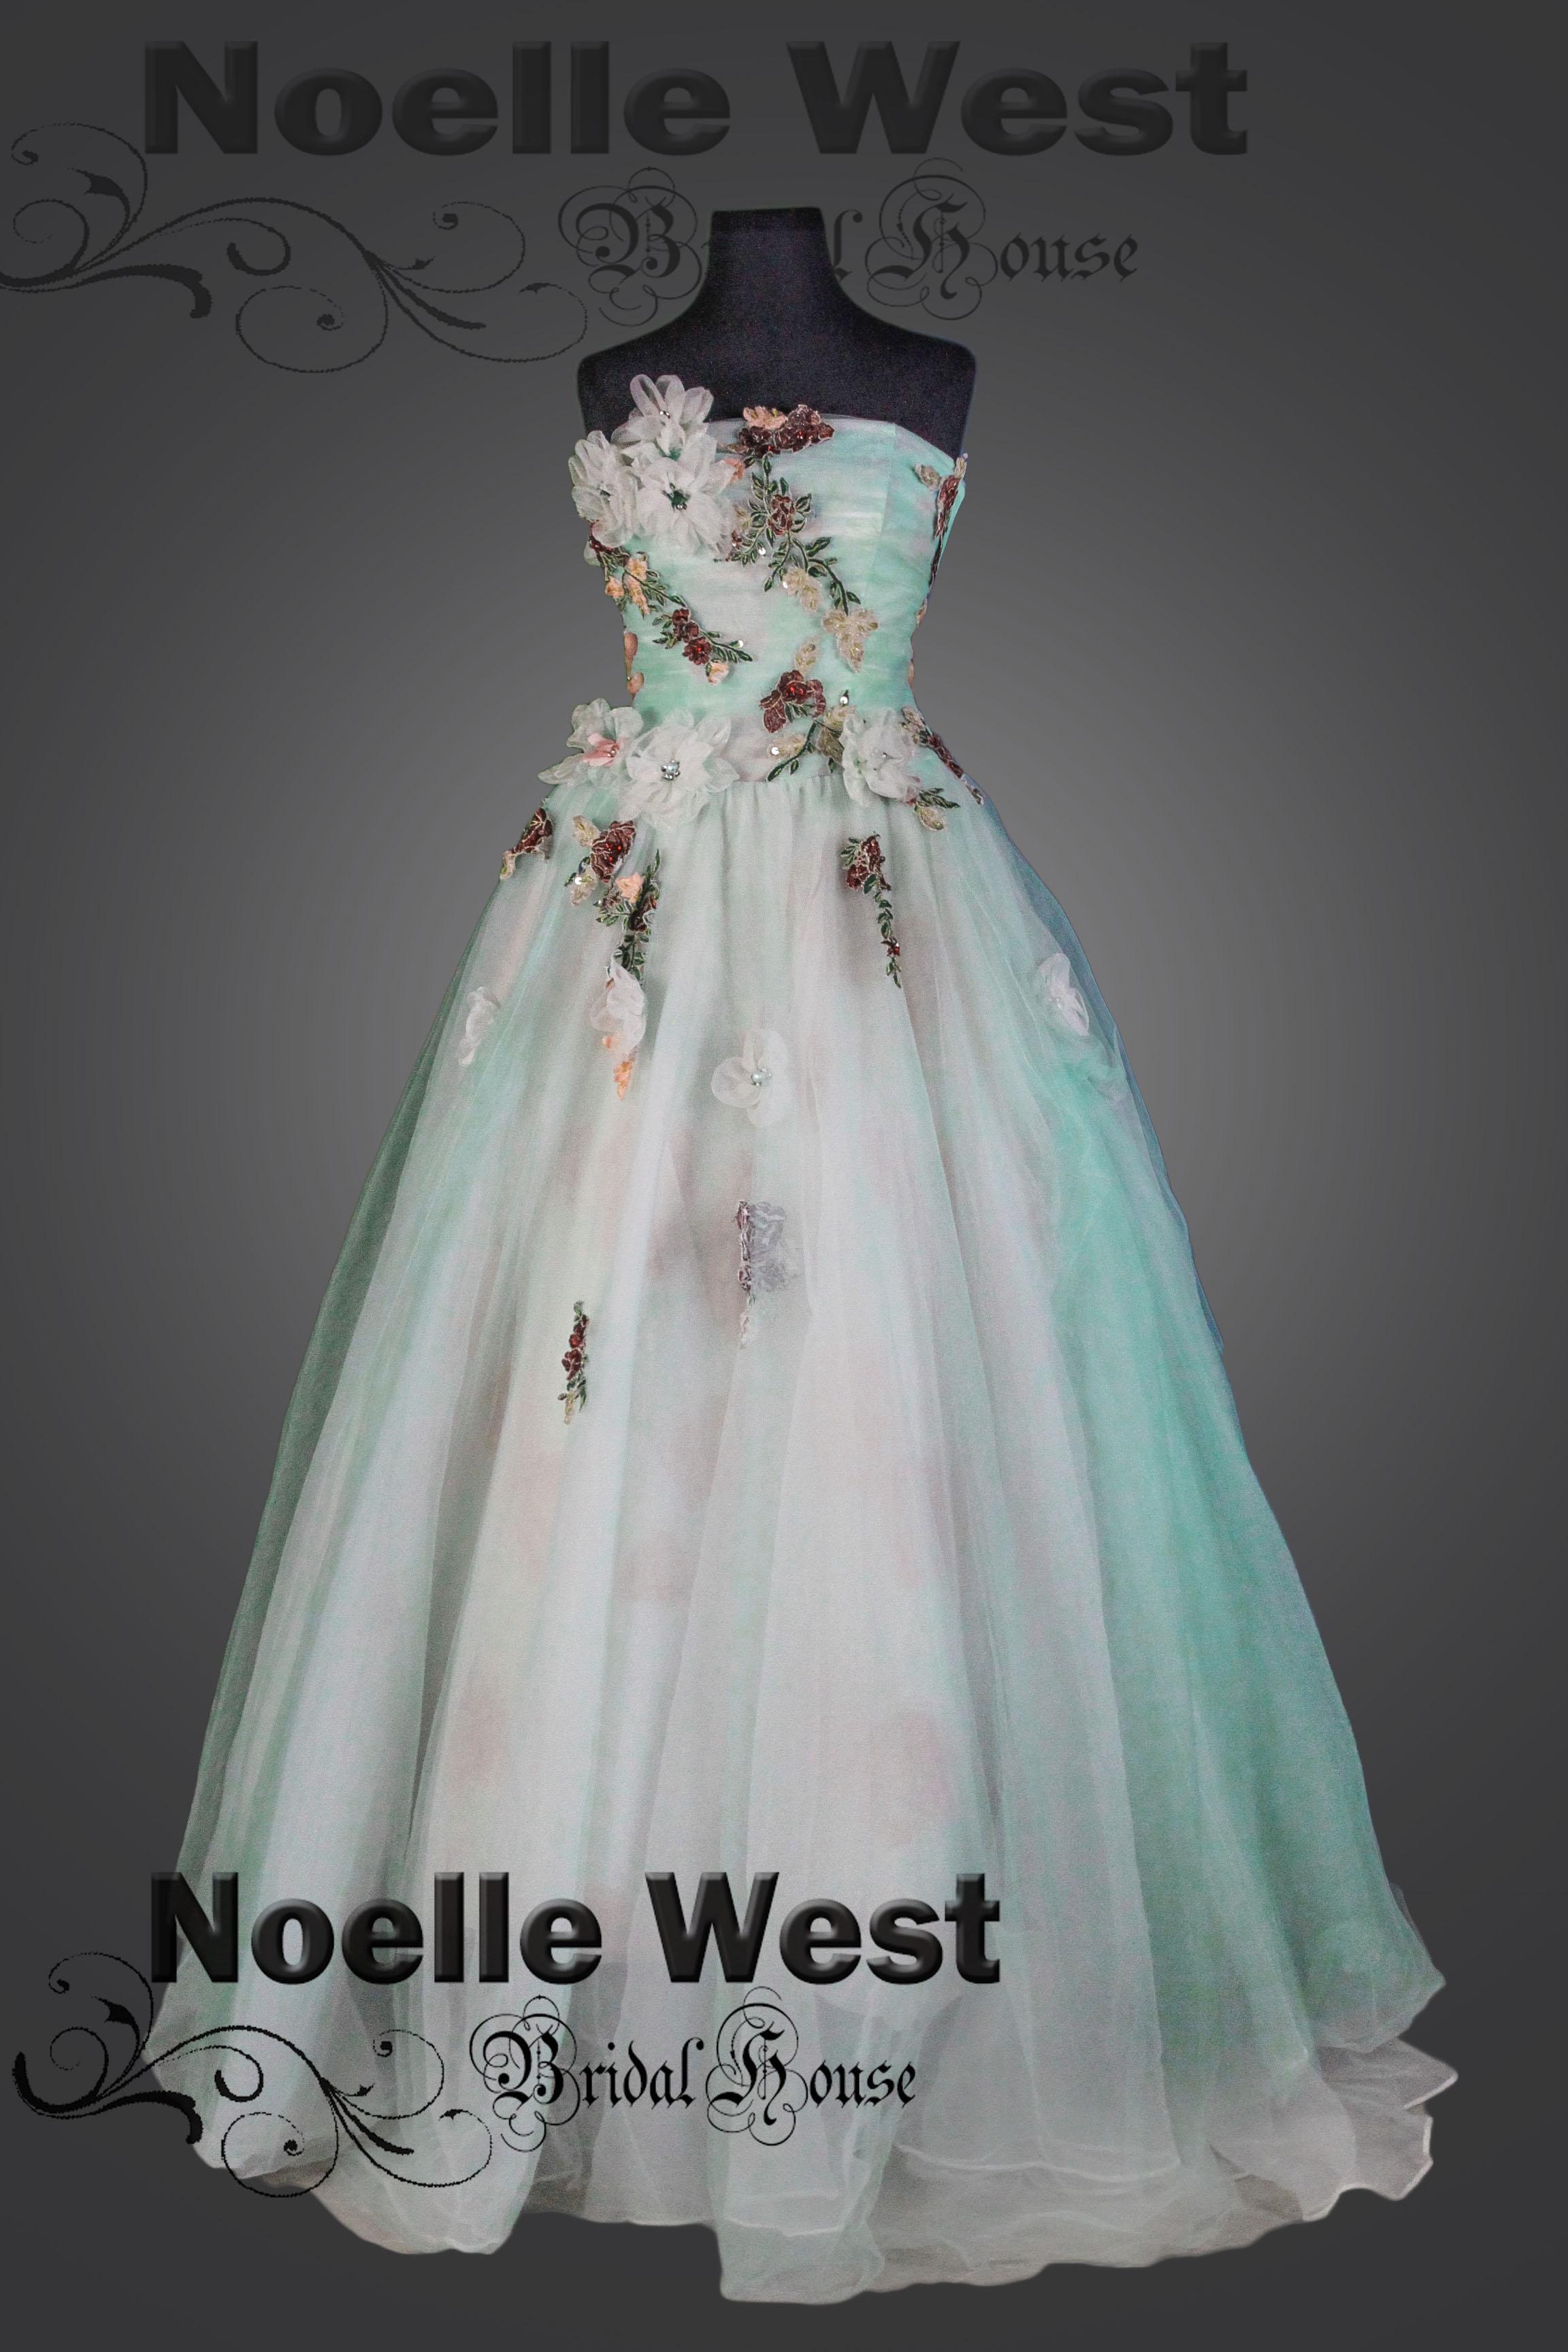 Noelle West Bridals Shop Cebu Ormoc Tacloban Iloilo Bacolod